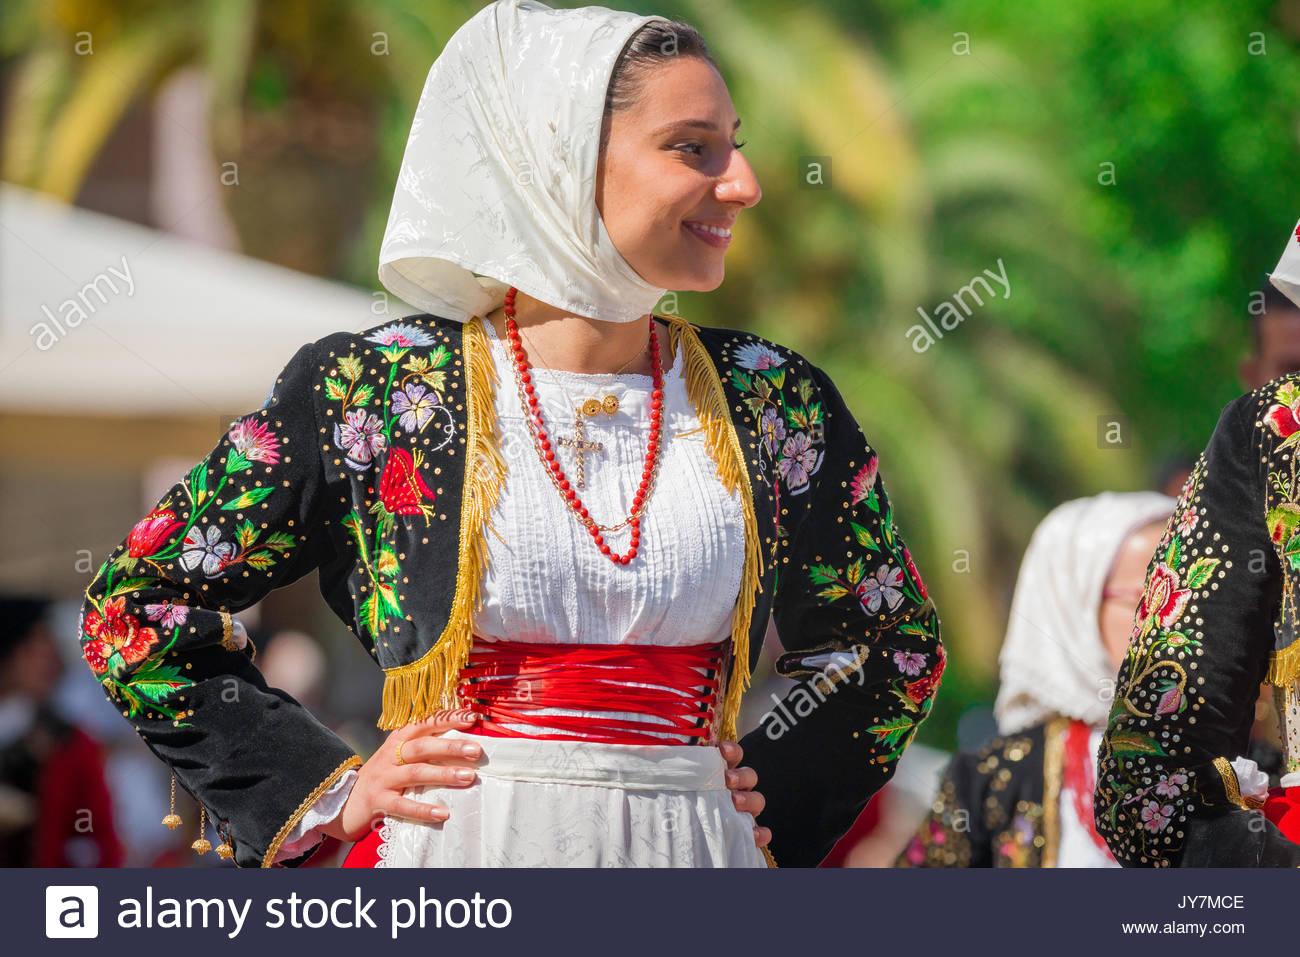 Costume traditionnel de la Sardaigne, portrait d'une jeune femme participant à la grande parade de la la Cavalcata festival à Sassari, Sardaigne. Photo Stock